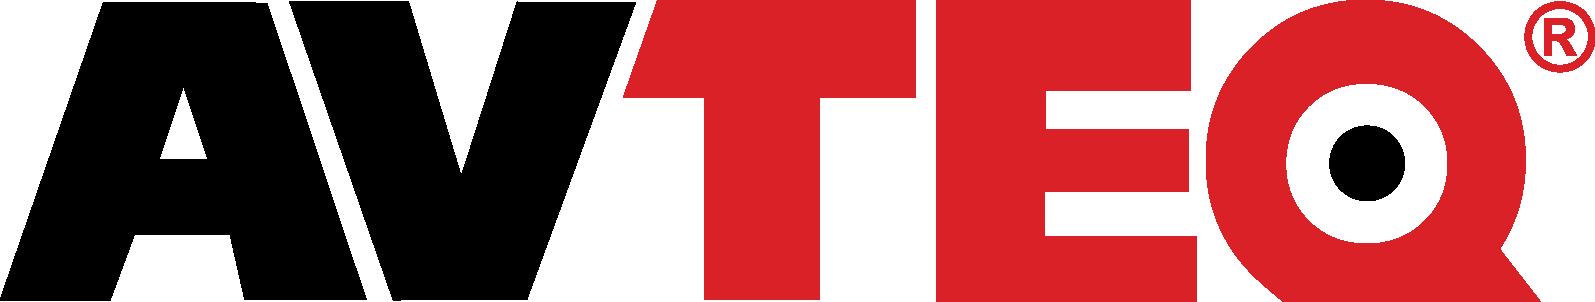 New-AVTEQ-logo